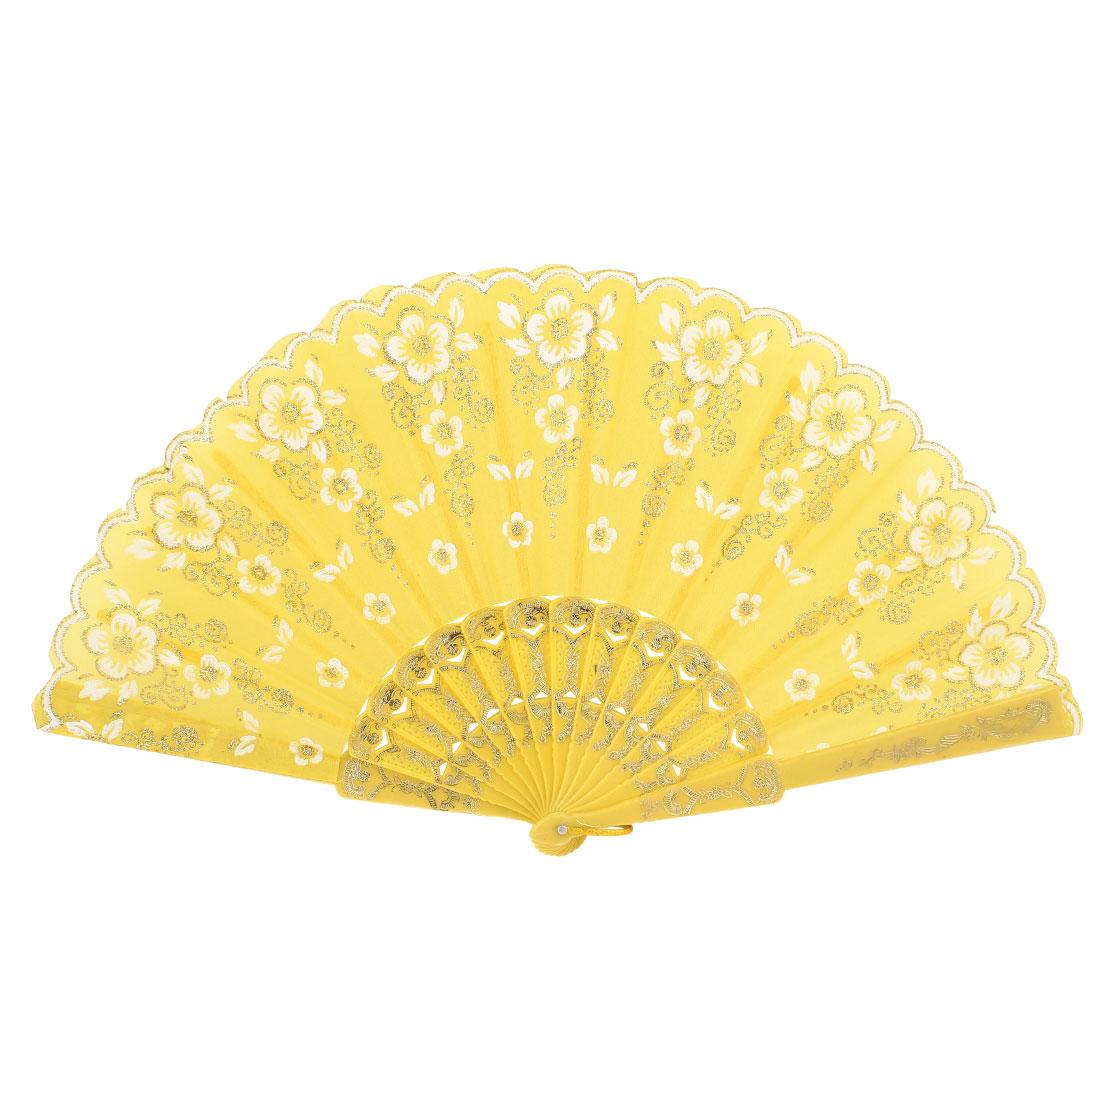 Wedding Party Ornament Glitter Powder Flower Pattern Folding Hand Fan Yellow